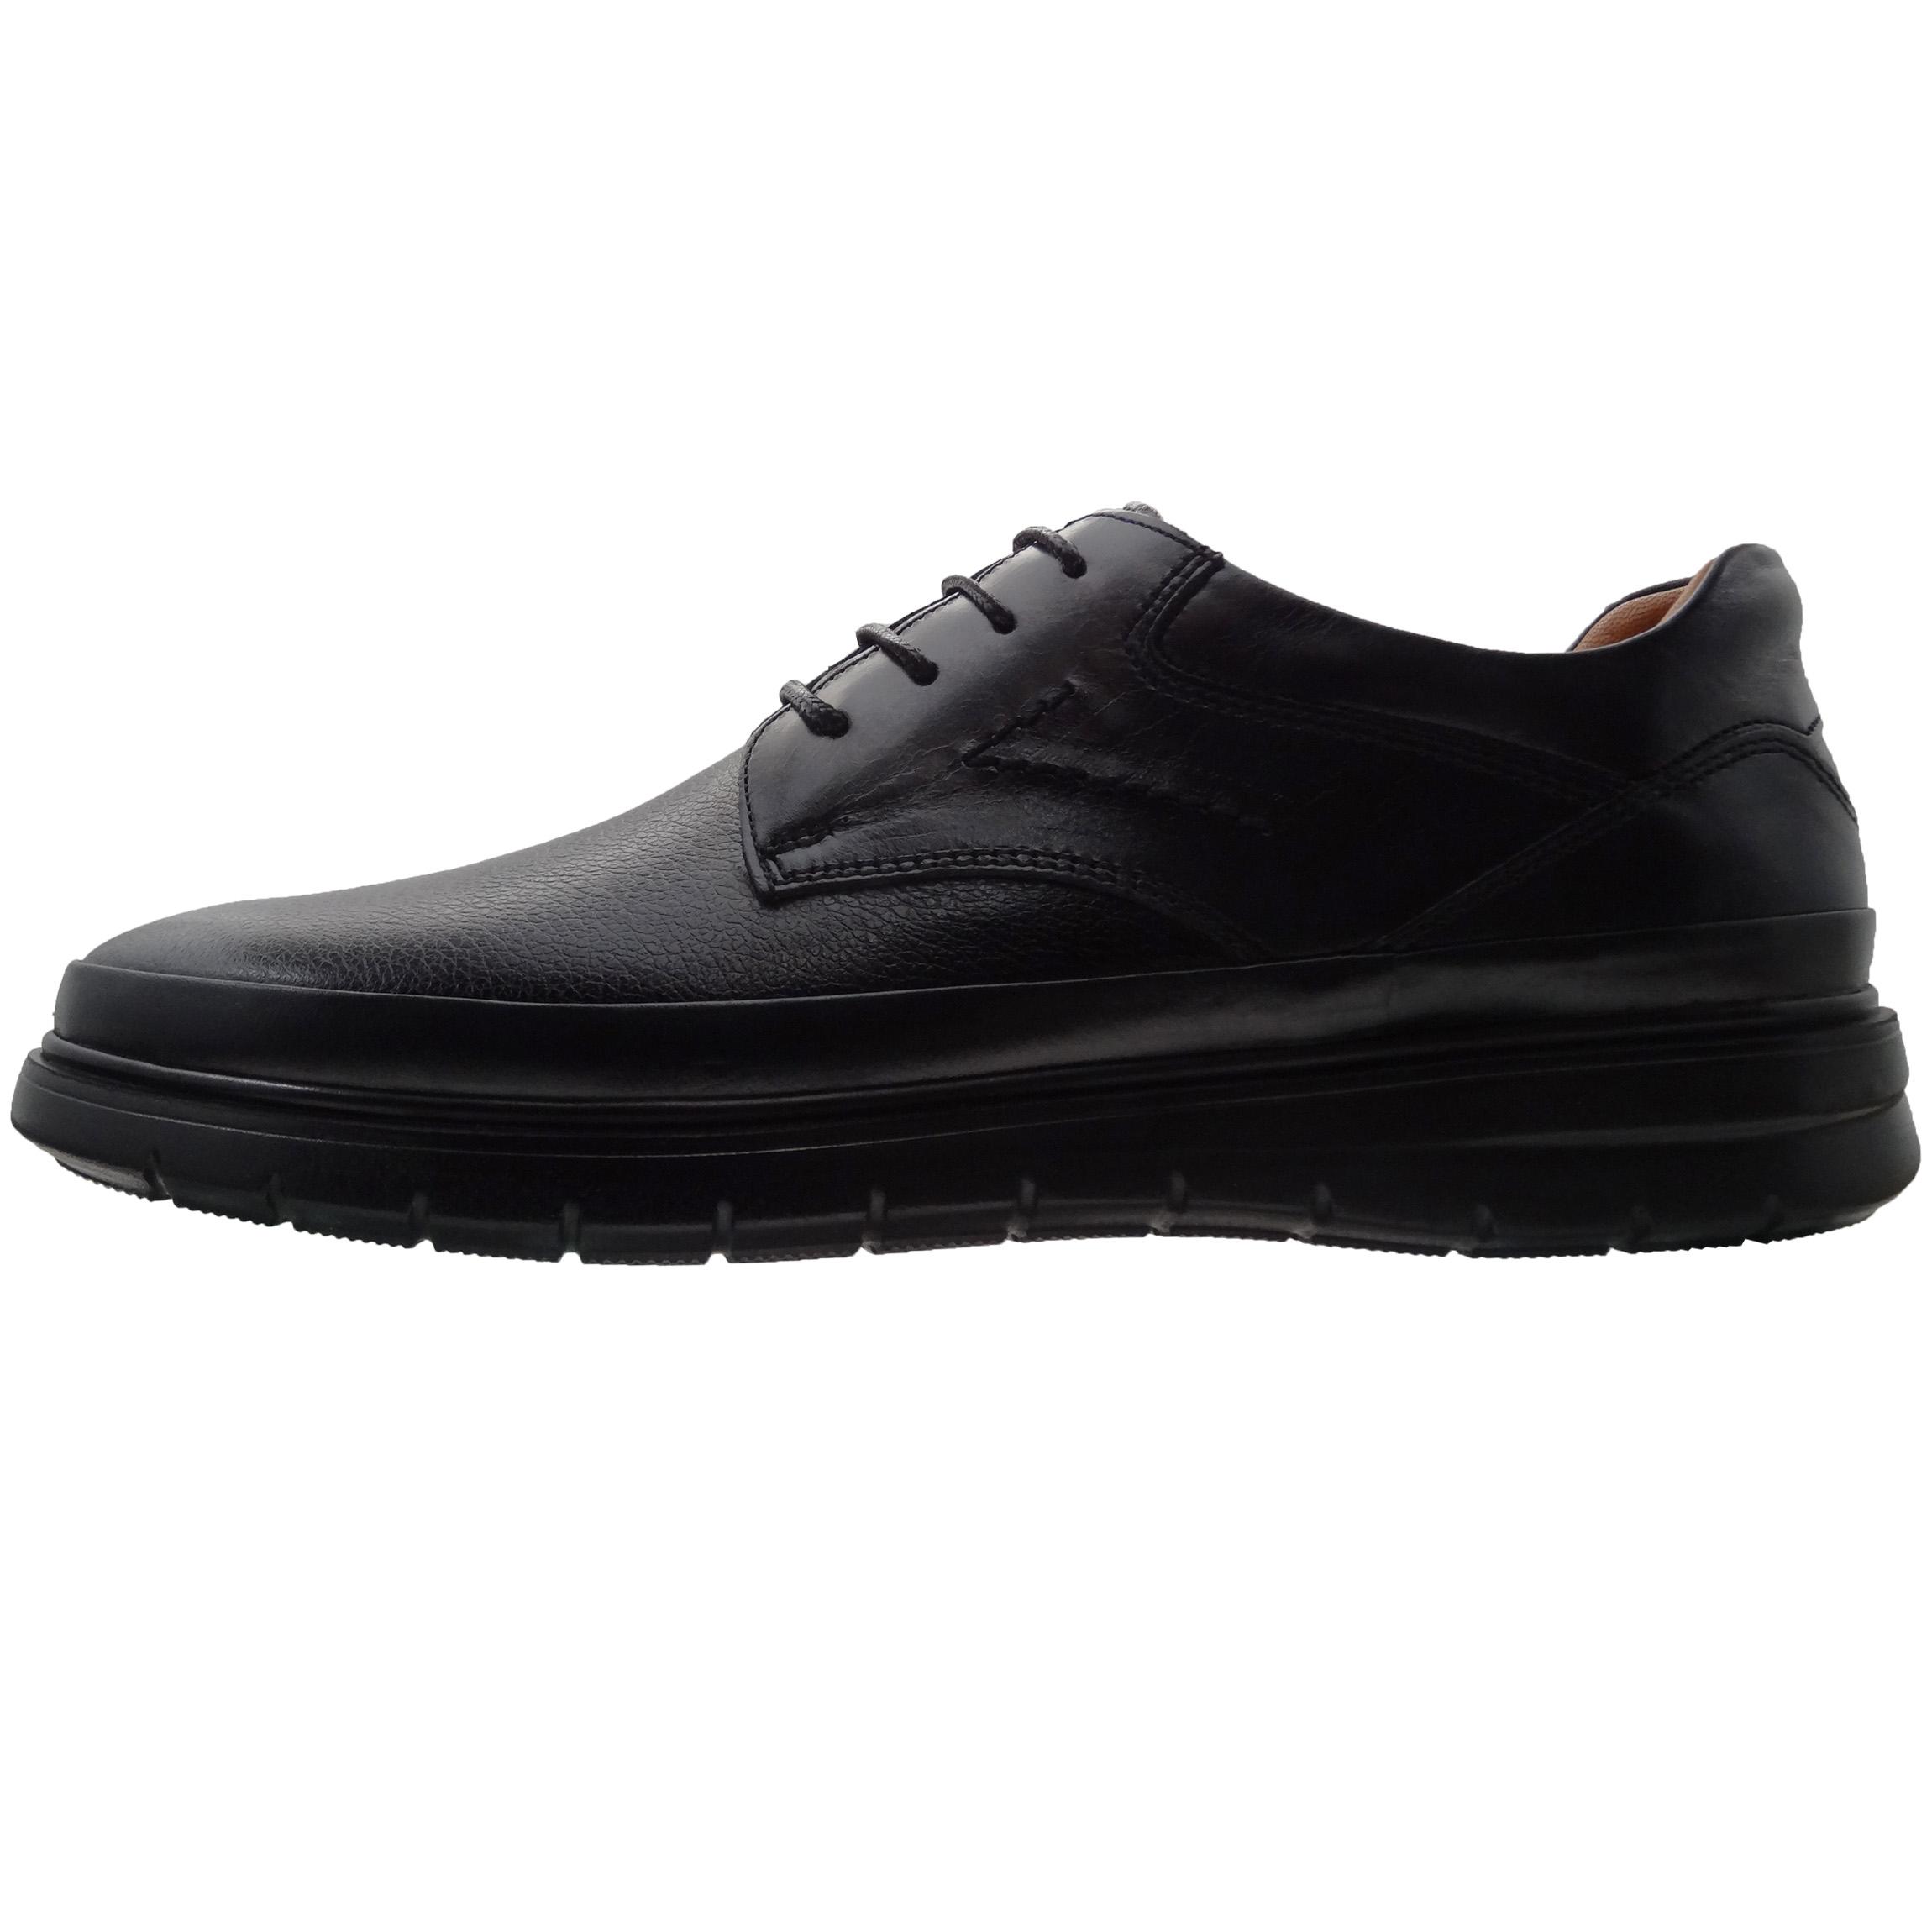 کفش روزمره مردانه مدل Andro کد 778             , خرید اینترنتی